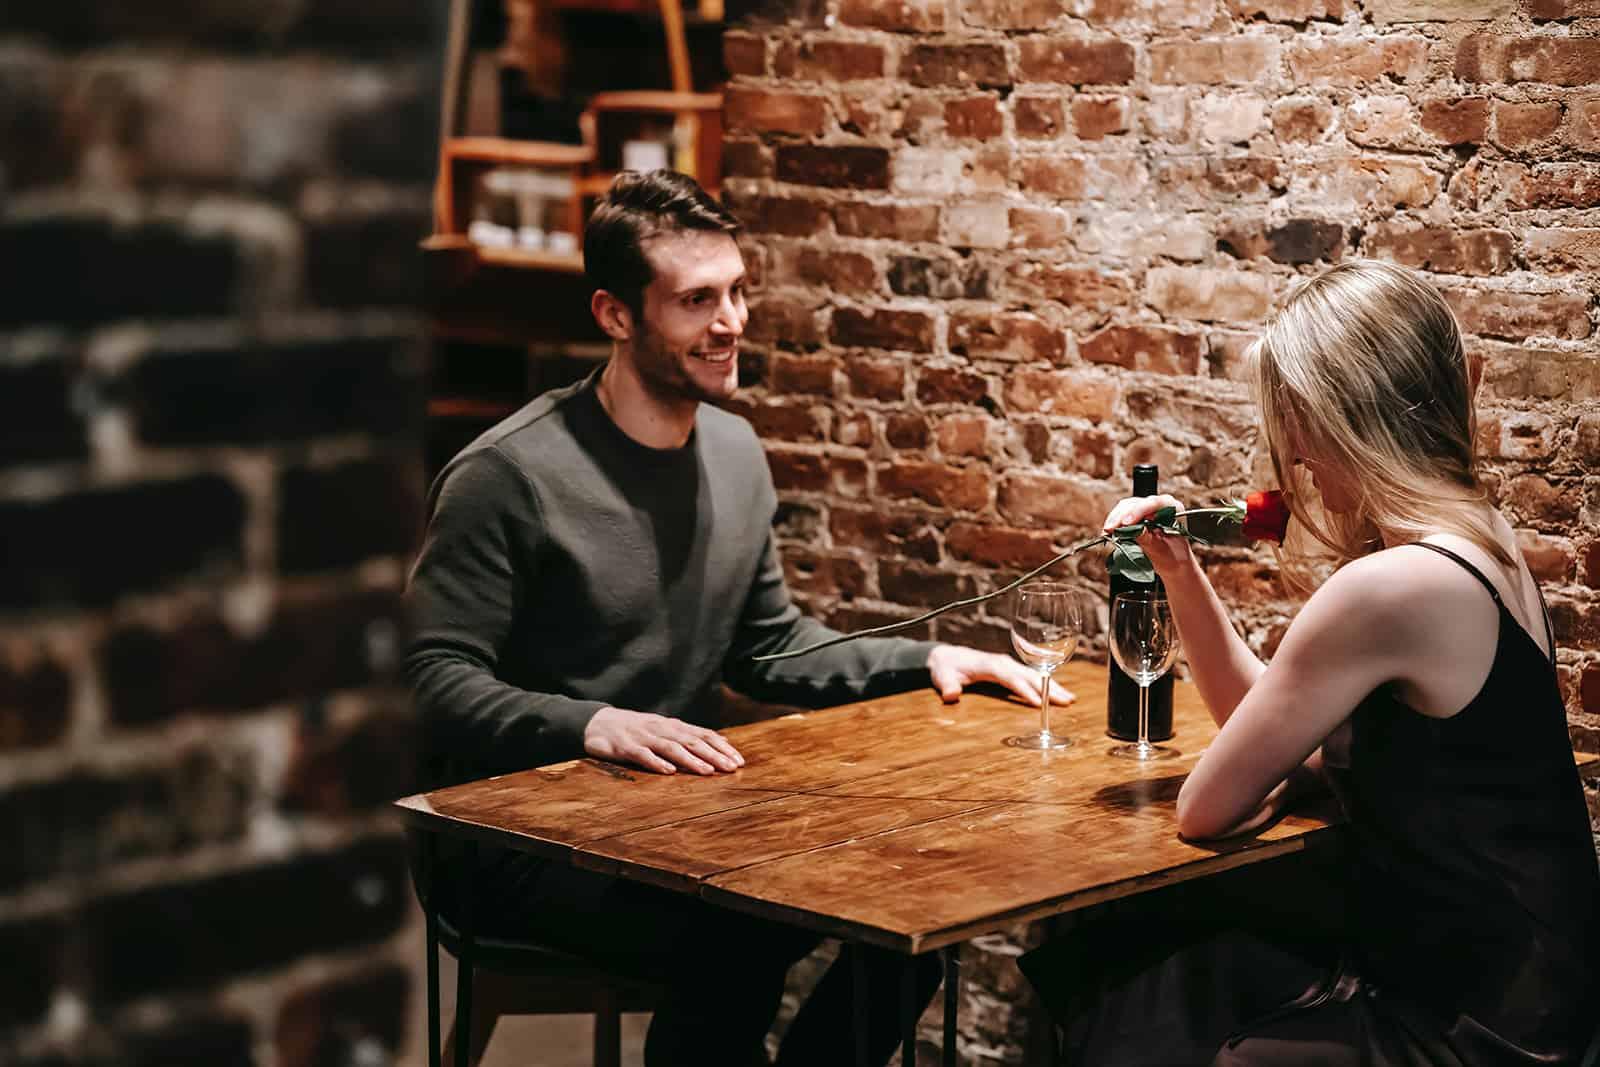 Ein lächelnder Mann, der elegante Frau betrachtet, die mit ihm im Restaurant sitzt und Rose riecht